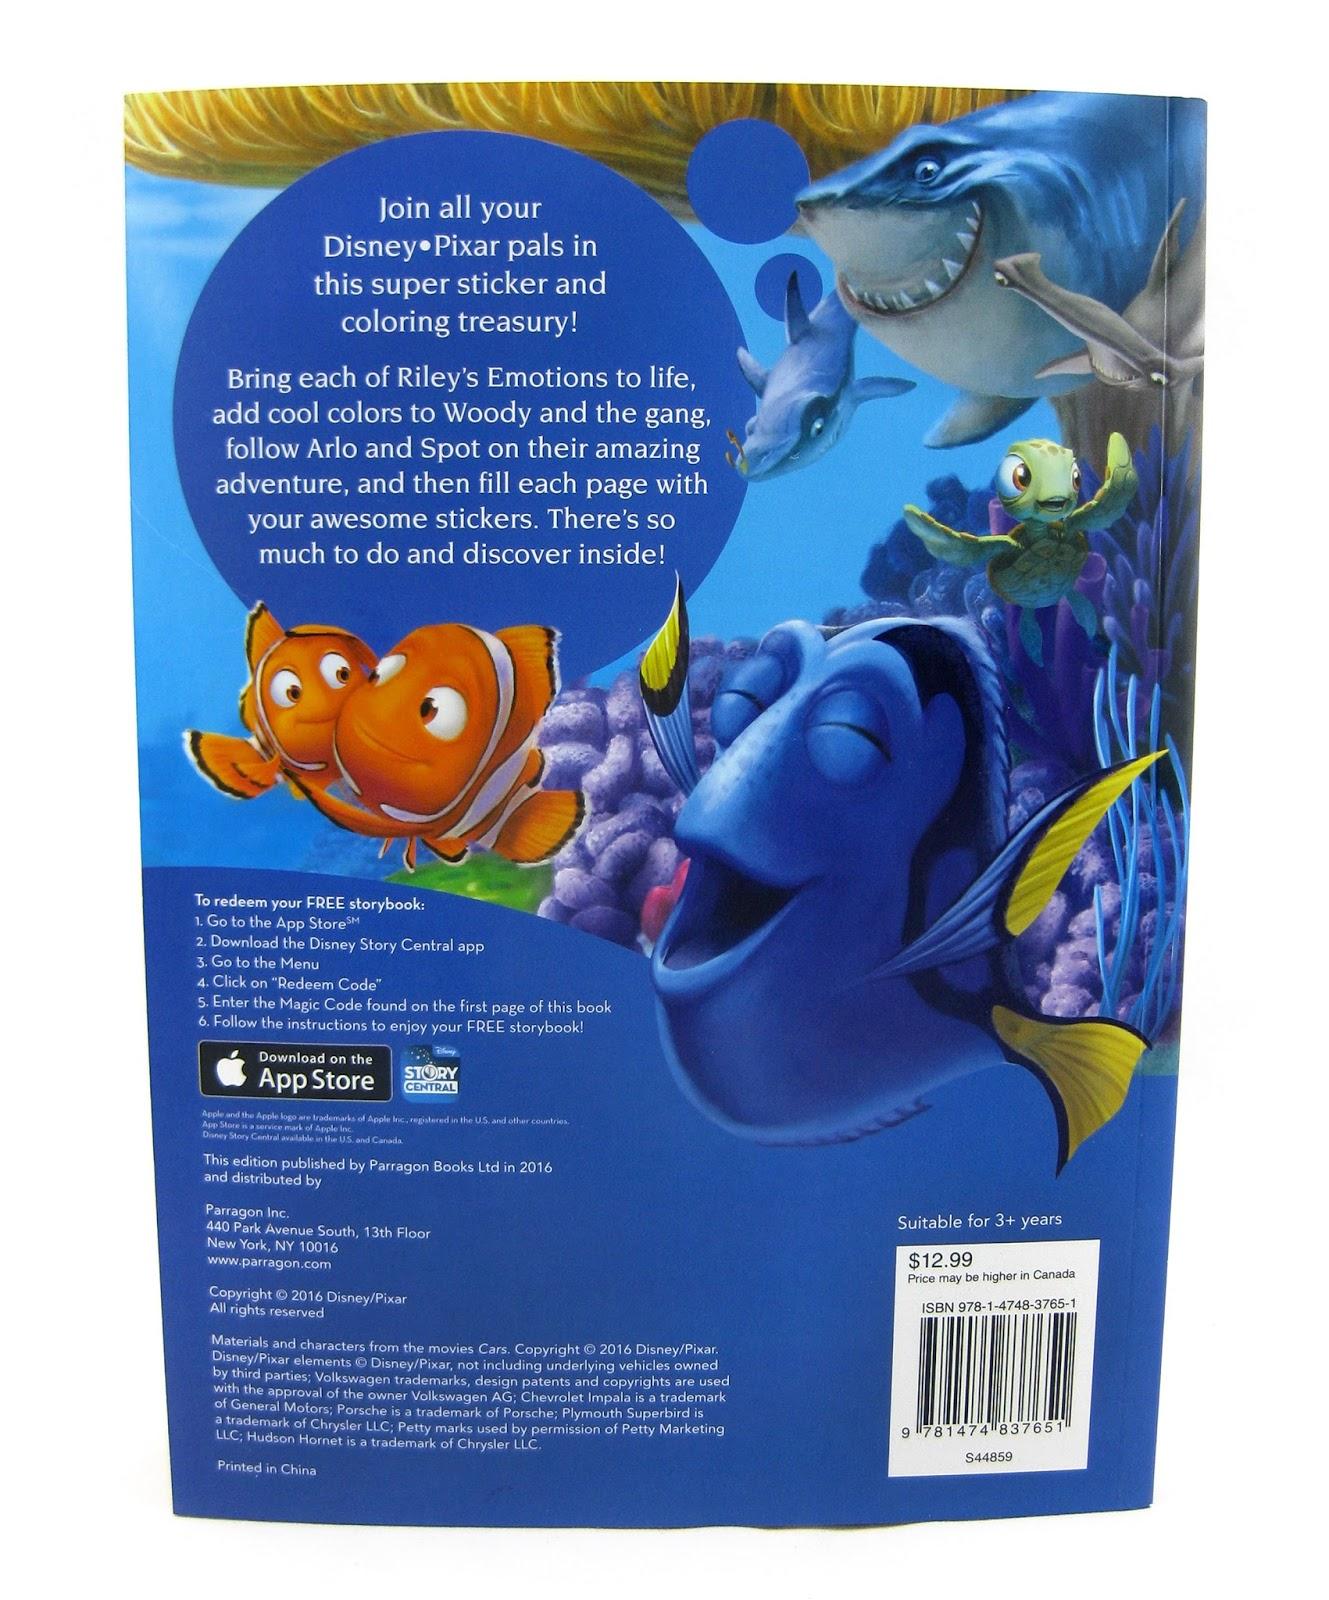 Let Your Dreams Soar Pixar Coloring Sticker Book